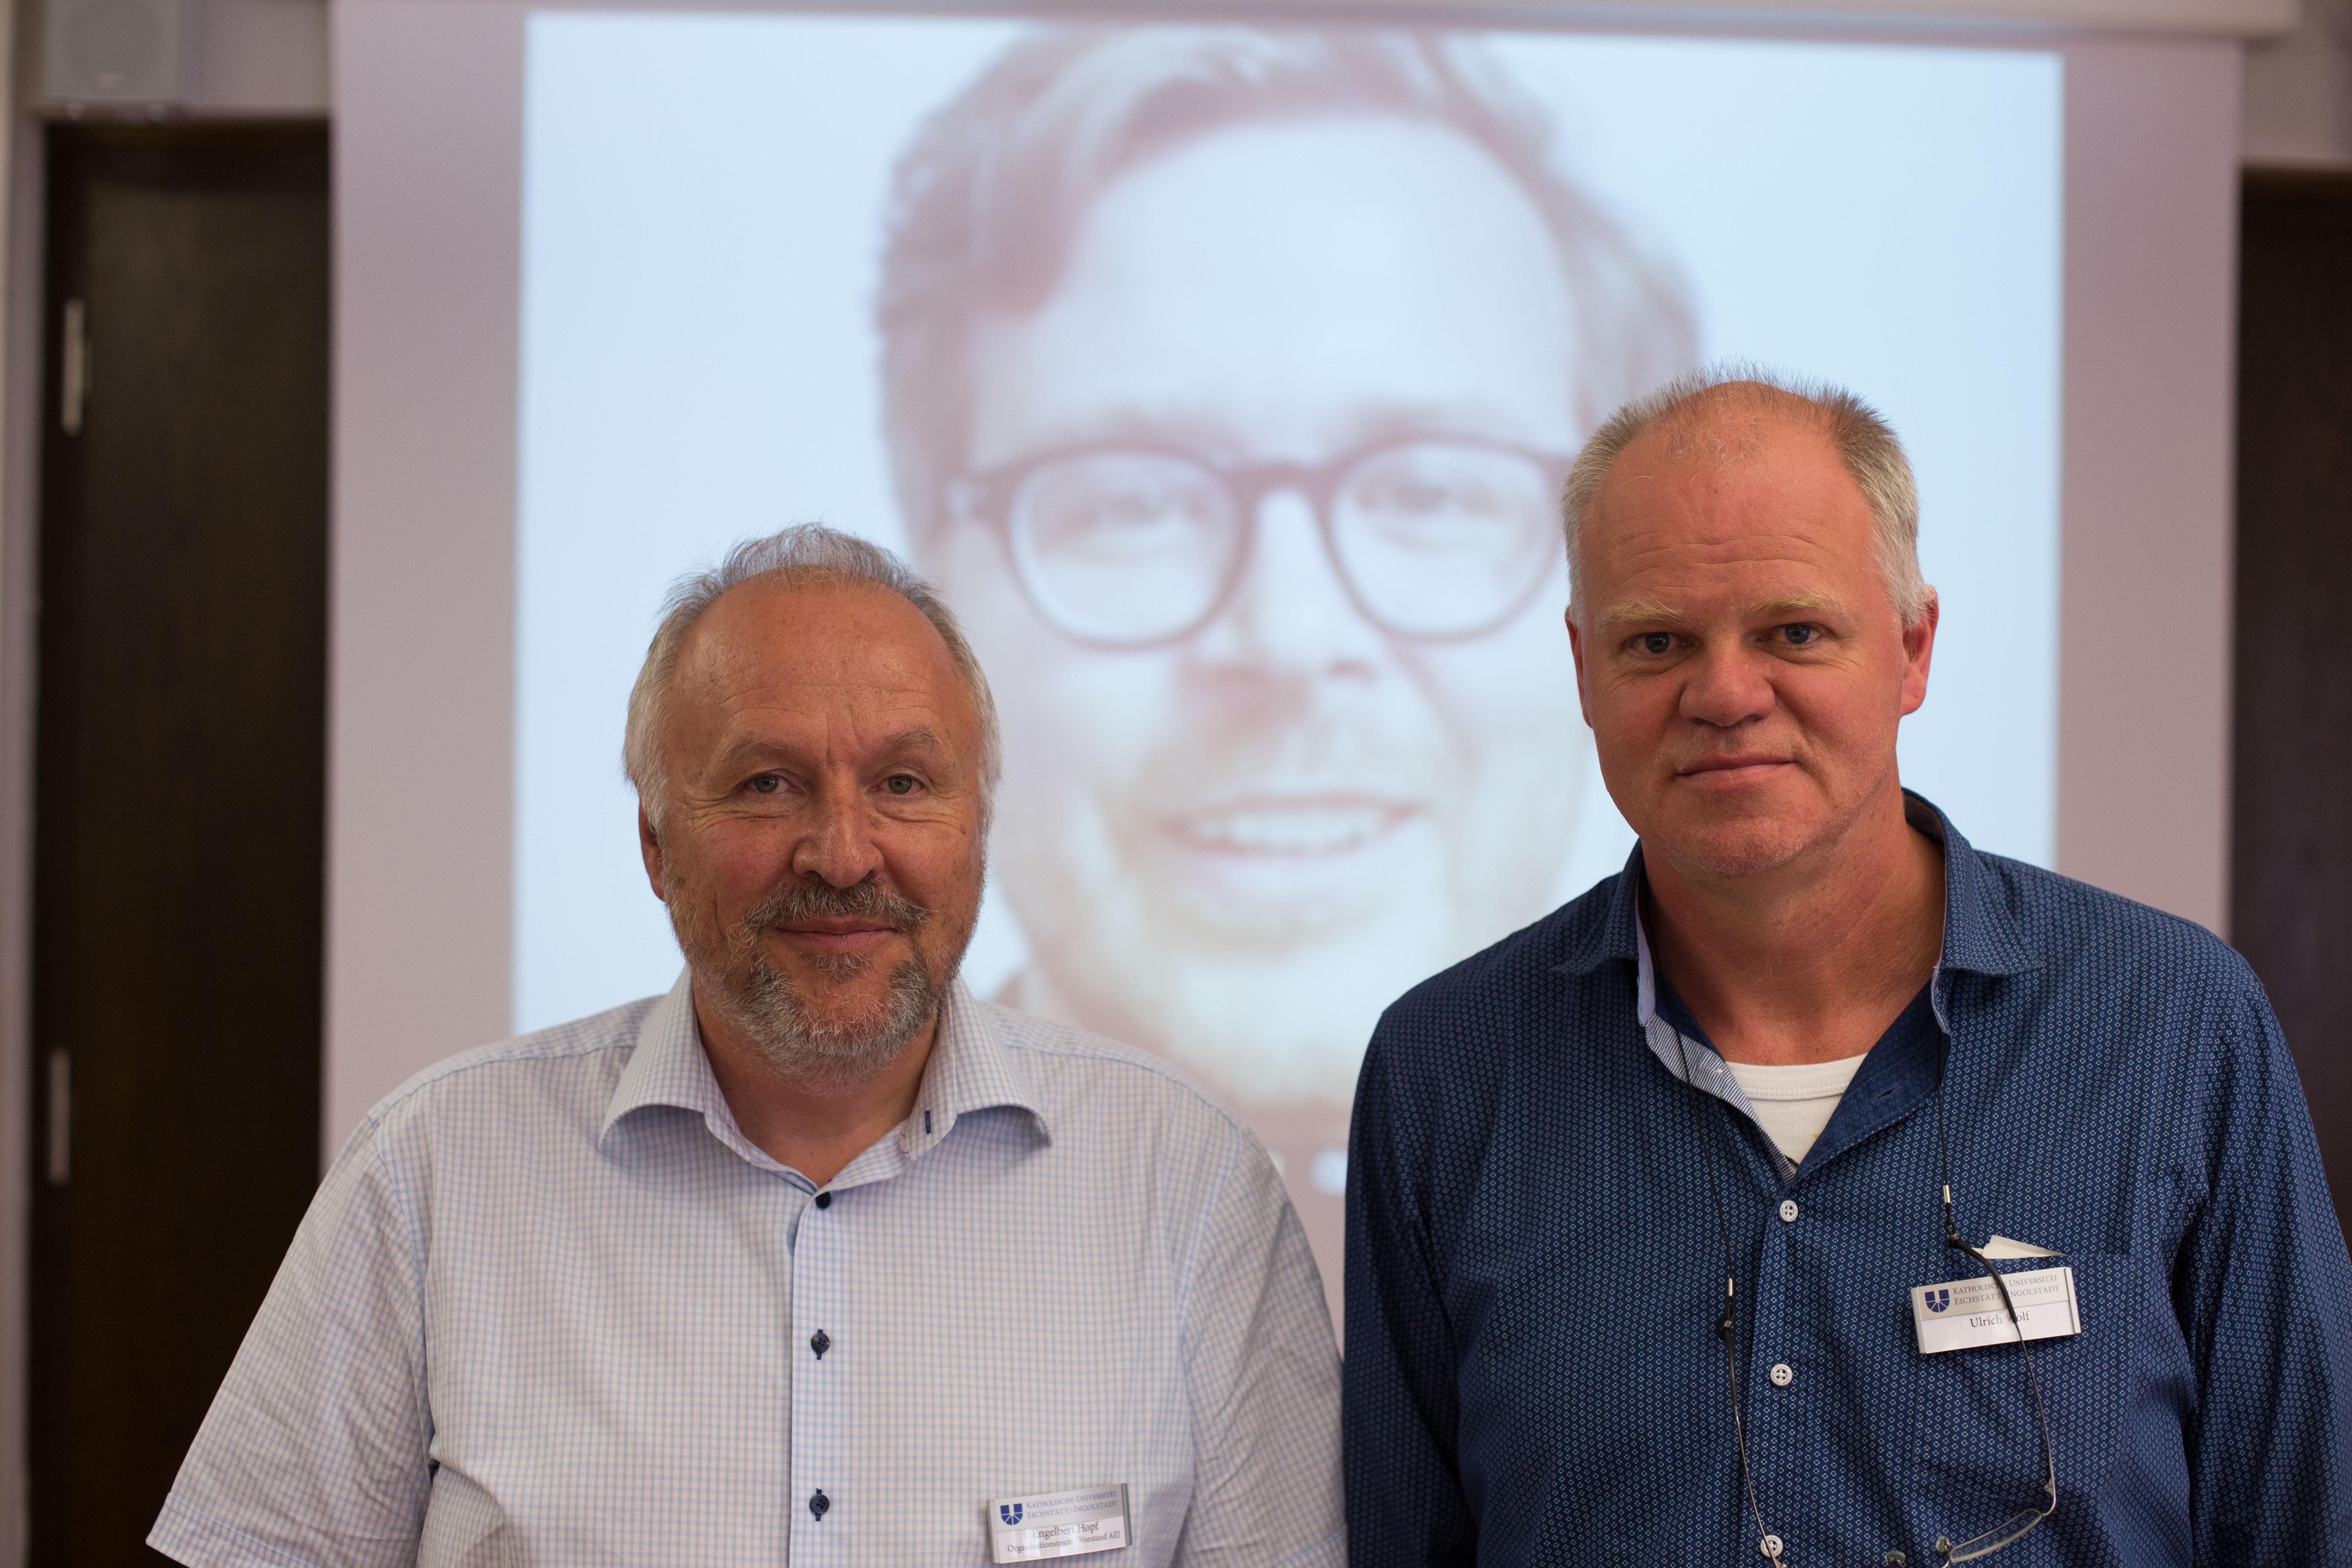 Engelbert Hopf (links) moderierte das Gespräch zwischen Frederik Obermaier (Mitte, per Skype) und Ulrich Wolf (rechts).